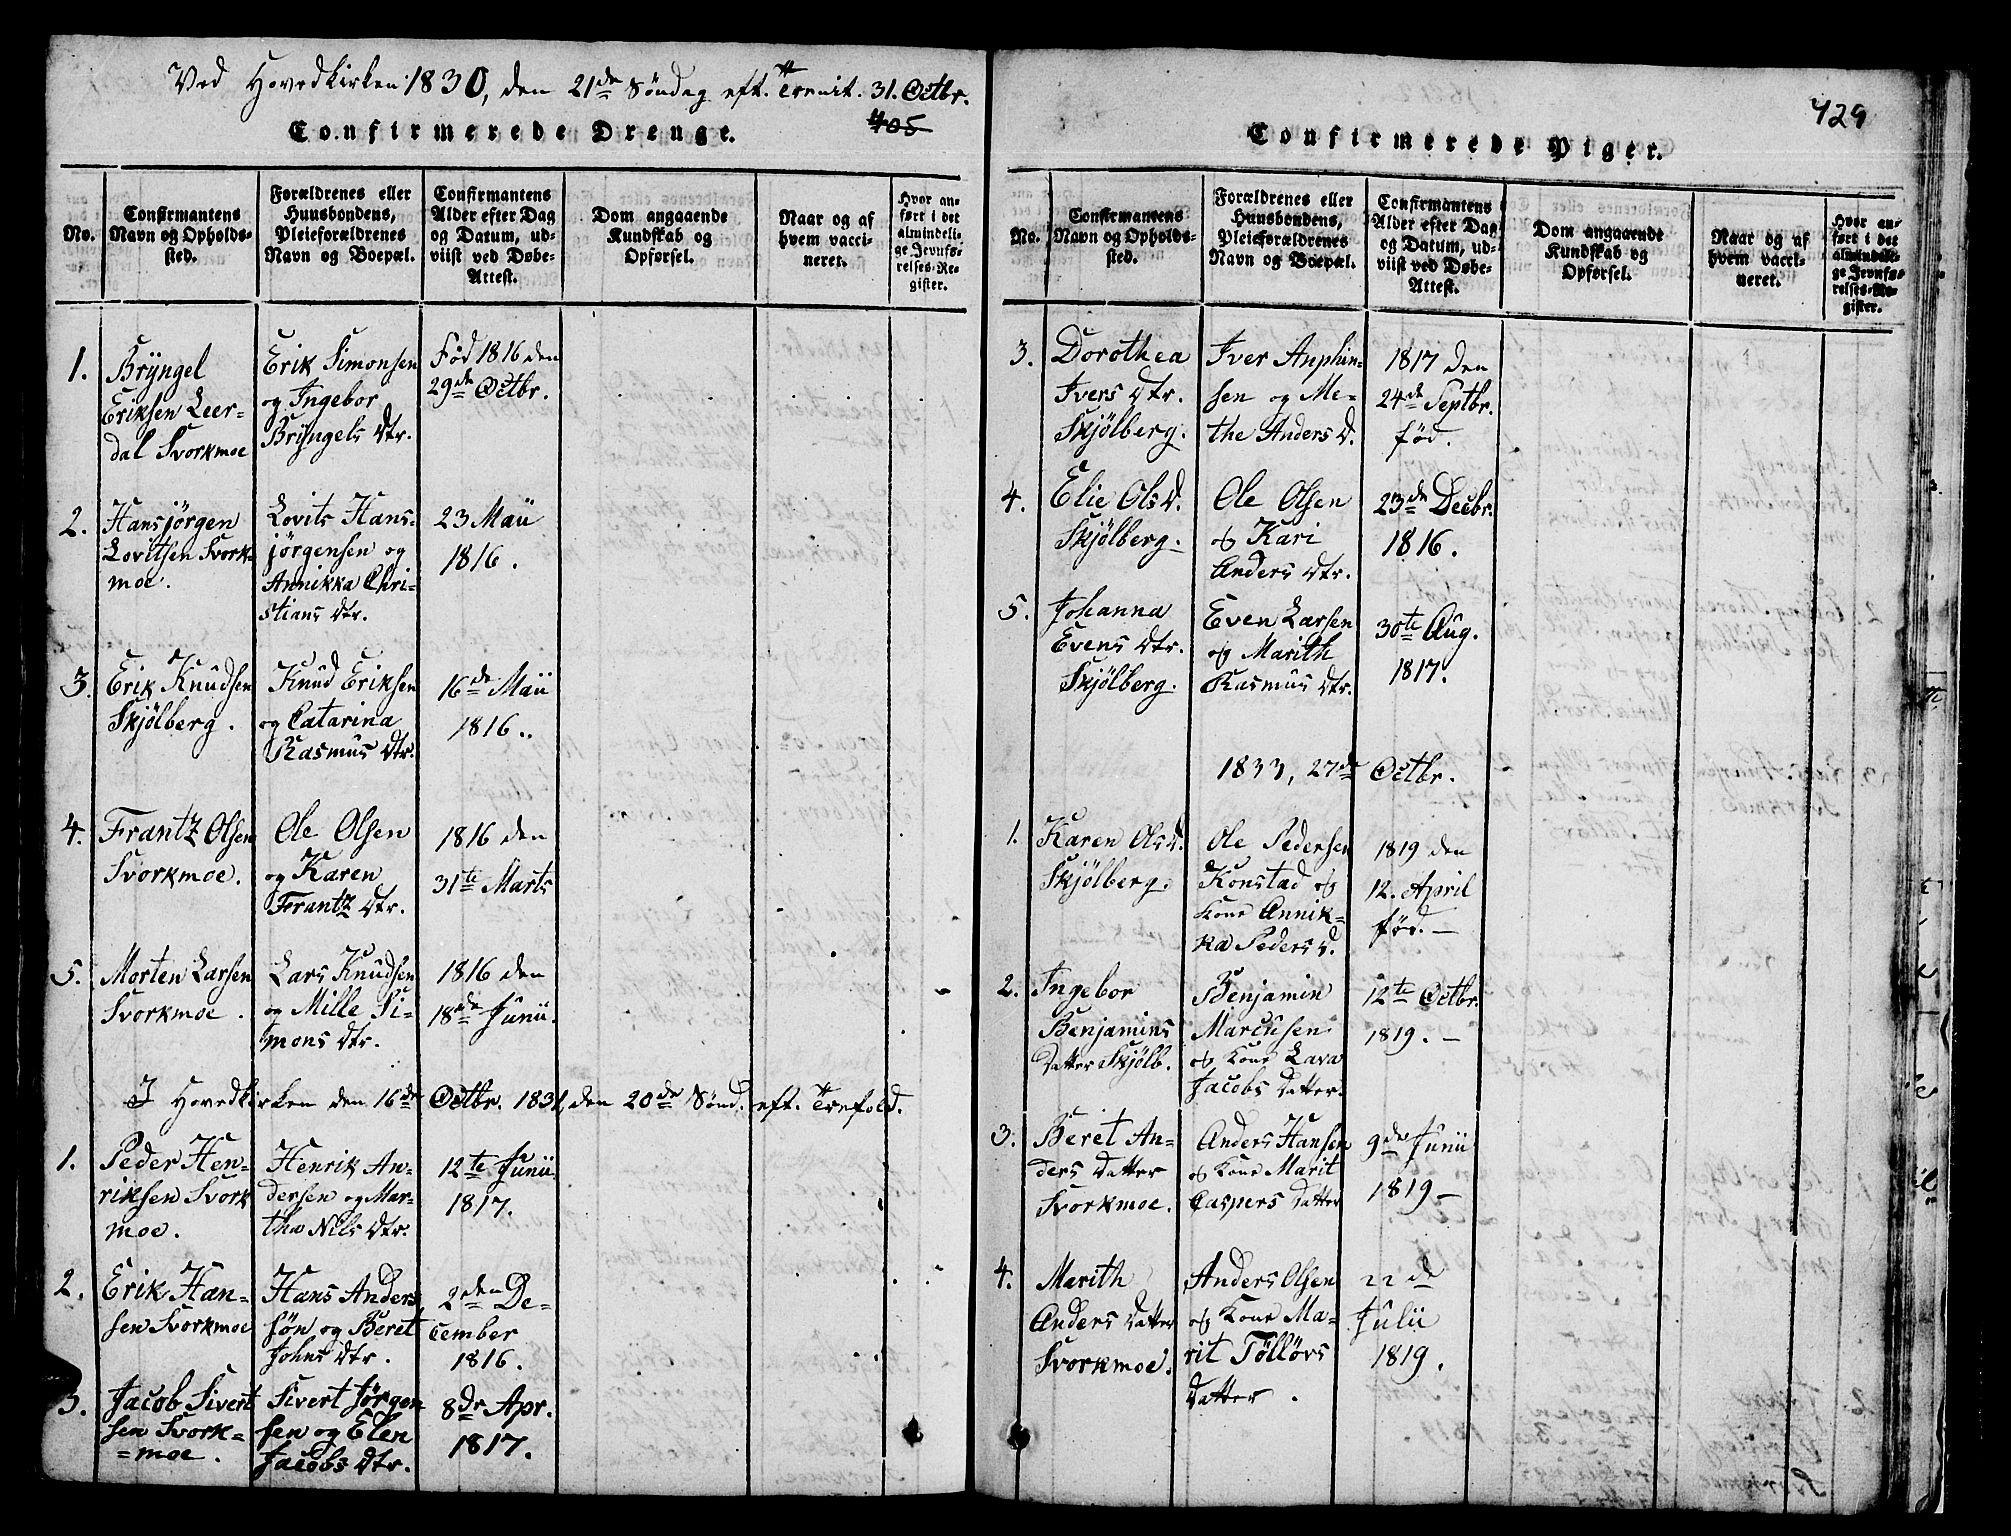 SAT, Ministerialprotokoller, klokkerbøker og fødselsregistre - Sør-Trøndelag, 671/L0842: Klokkerbok nr. 671C01, 1816-1867, s. 428-429